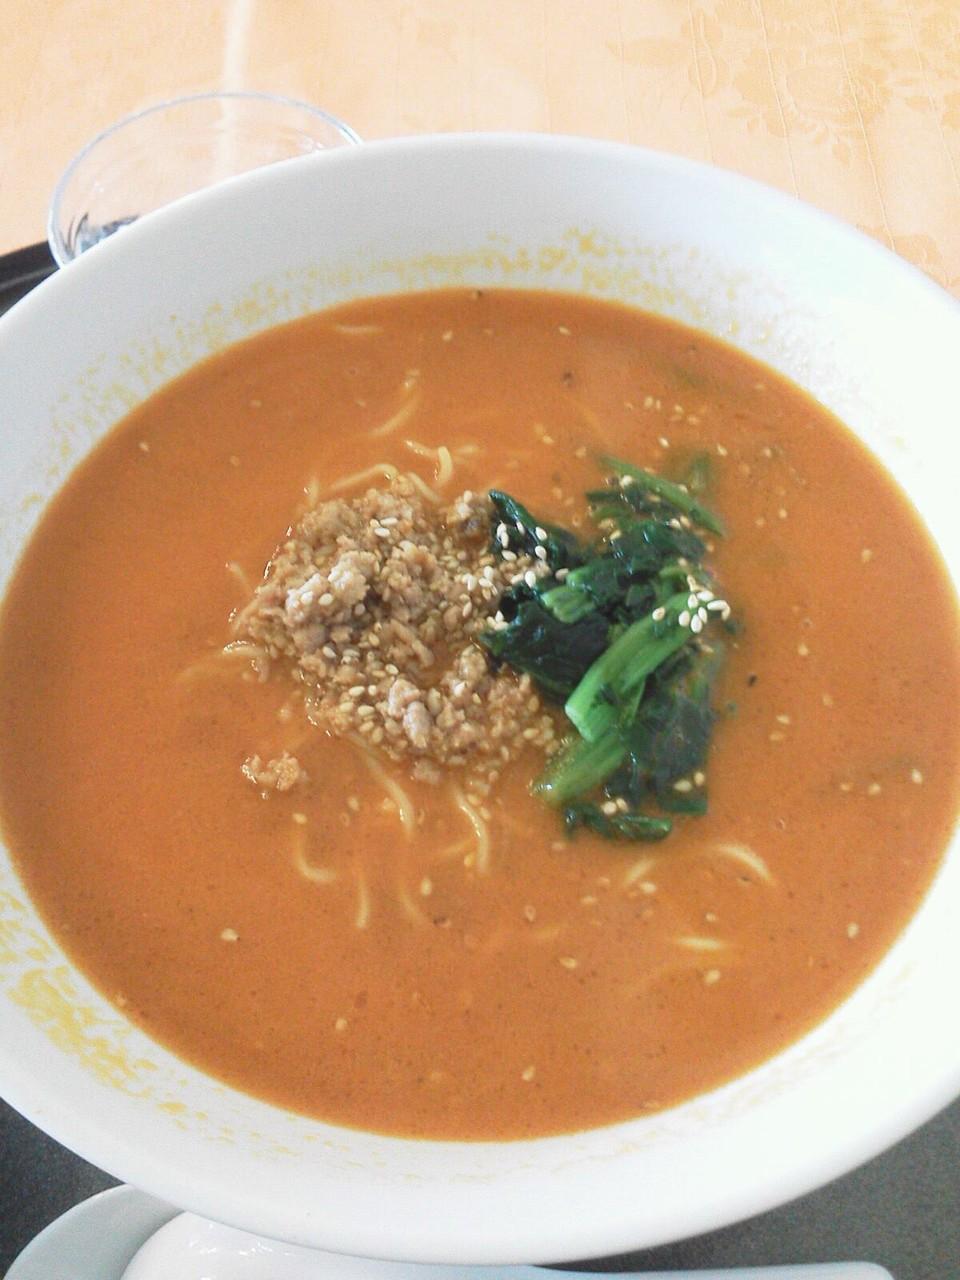 ゴルフに行っても麺ざんす。栃木の某ゴルフ場のオススメ担々麺。陳健一監修らしいけど、日光の近所ですた。いまいち! 【2011年10月1日】